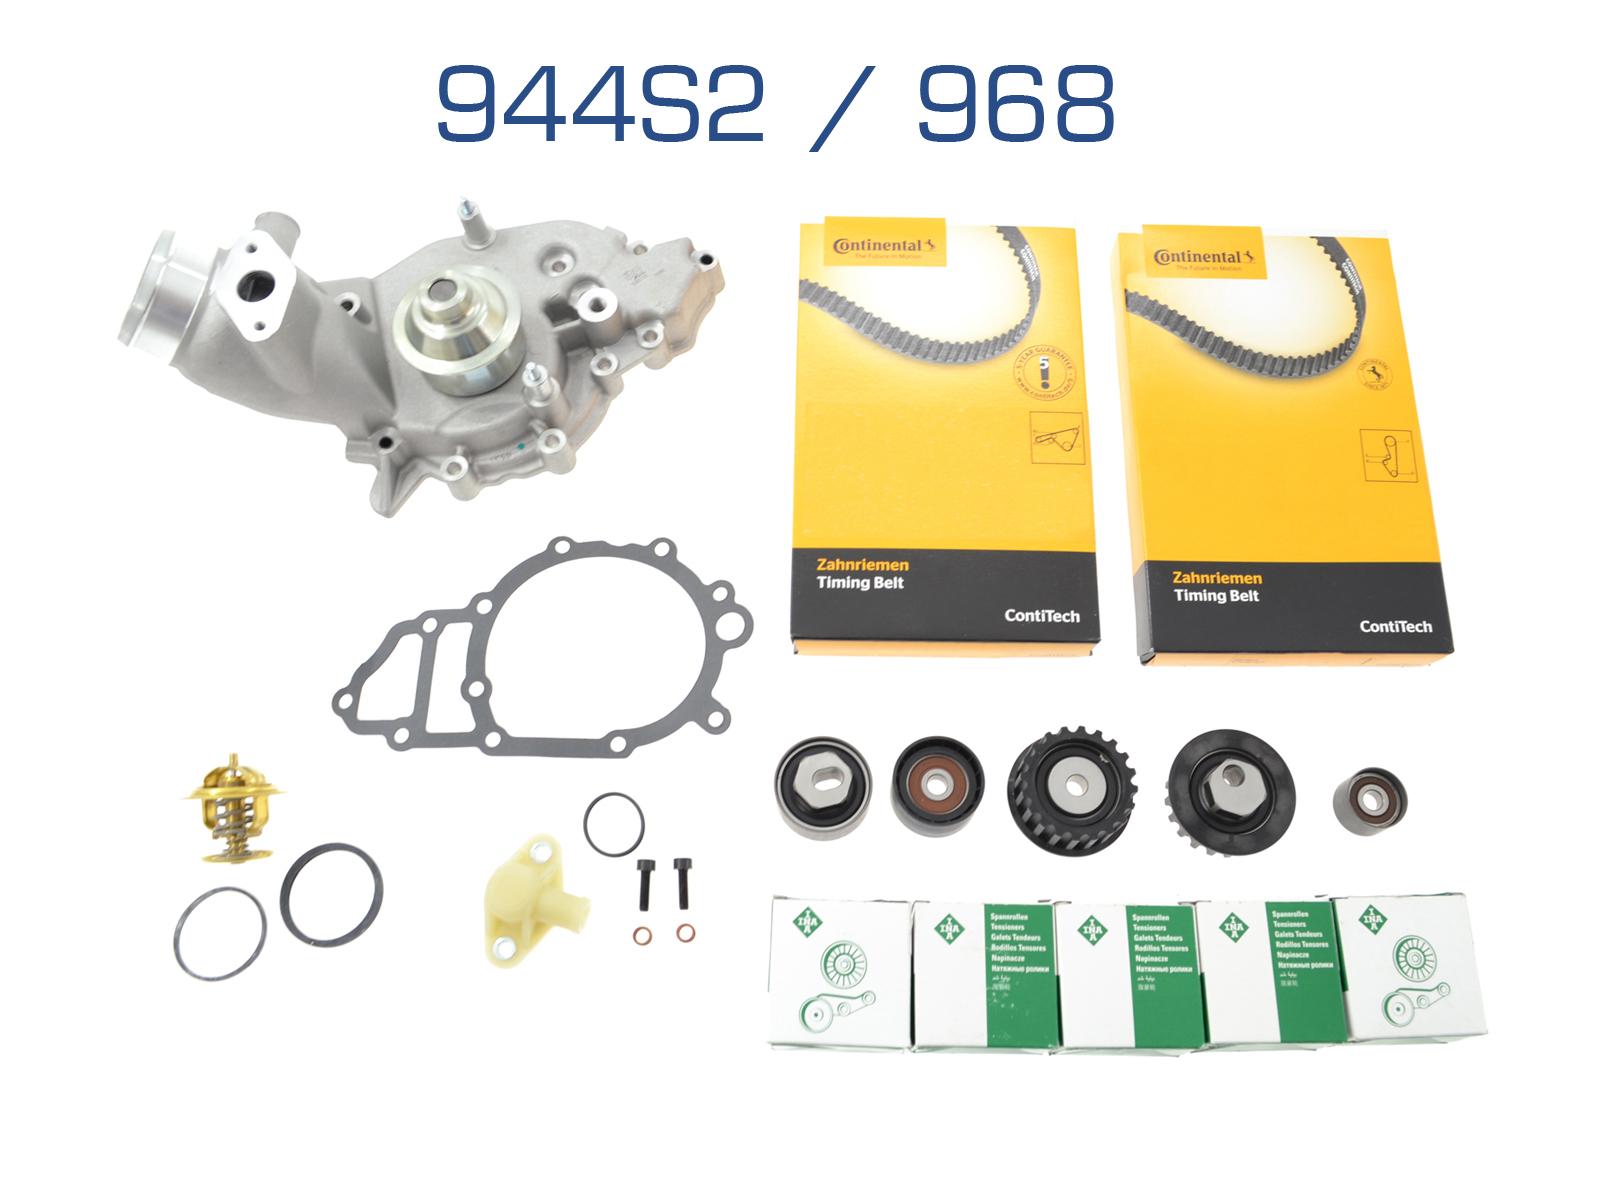 Wasserpumpe + Zahnriemen für Porsche 944S2/968